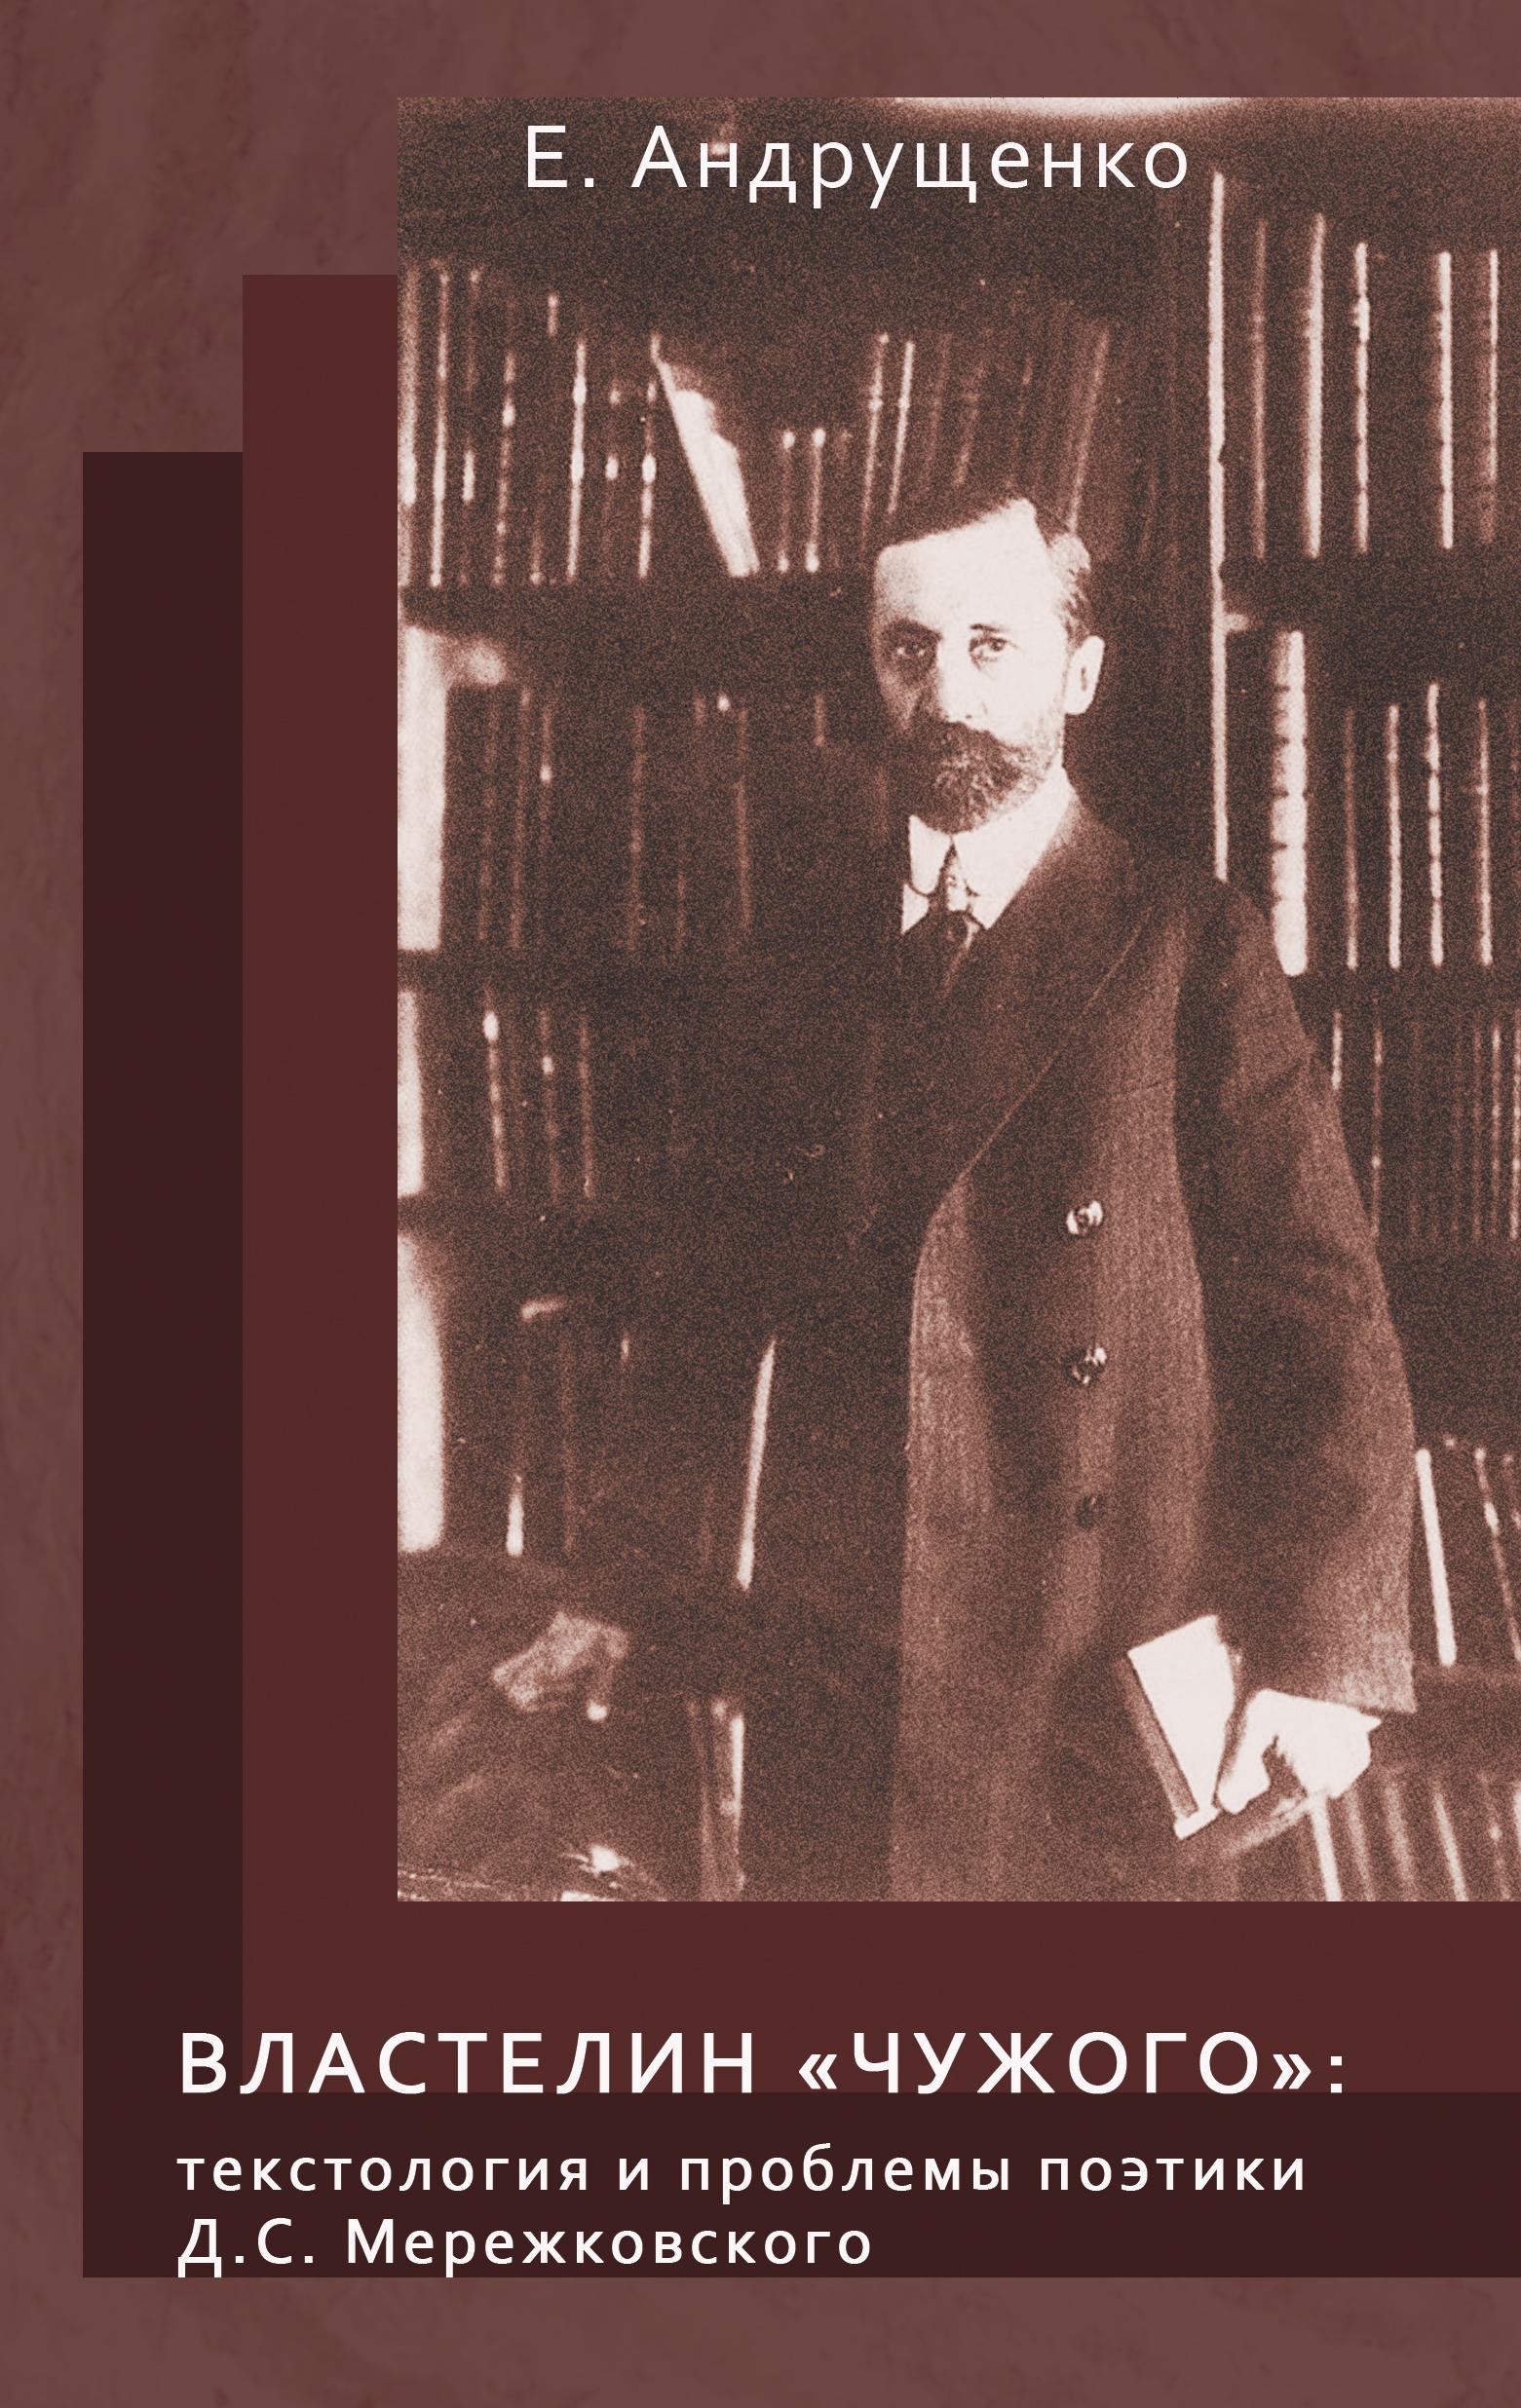 Властелин «чужого». Текстология и проблемы поэтики Д. С. Мережковского